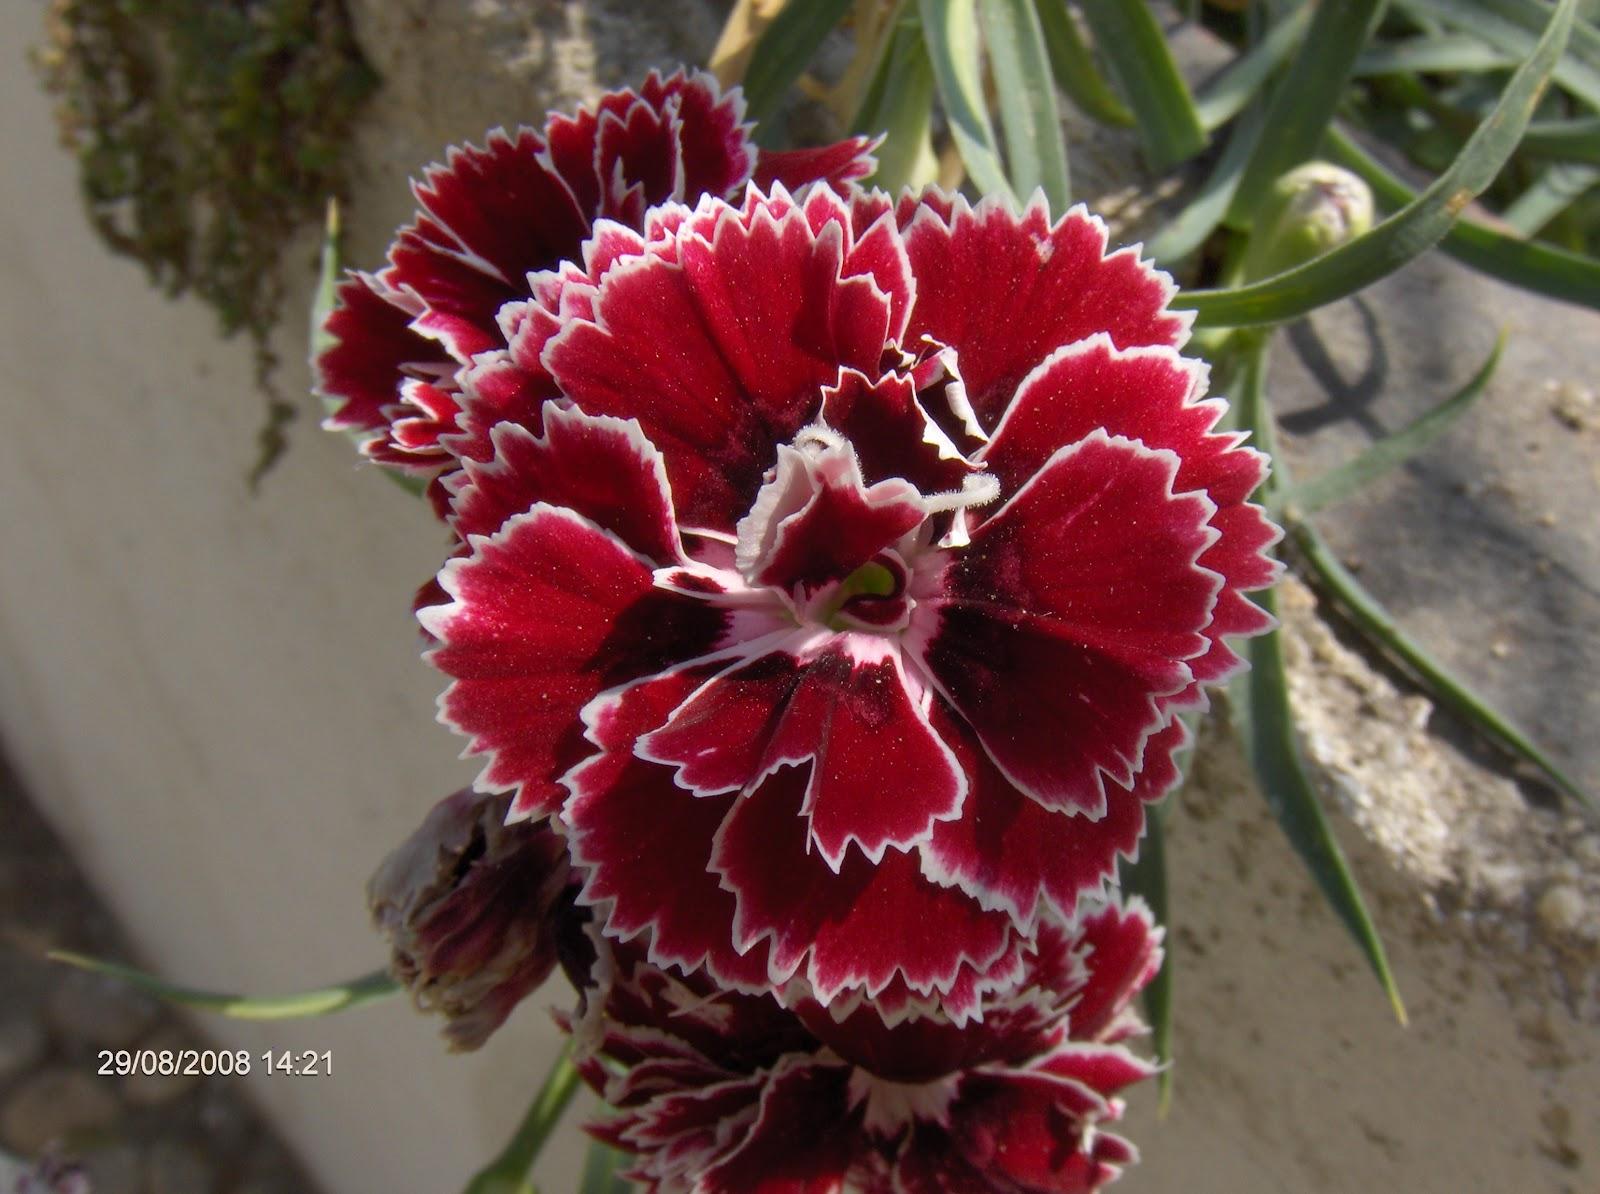 flores jardim ano todo : flores jardim ano todo:Flor de Lis: As Melhores Flores para seu Jardim